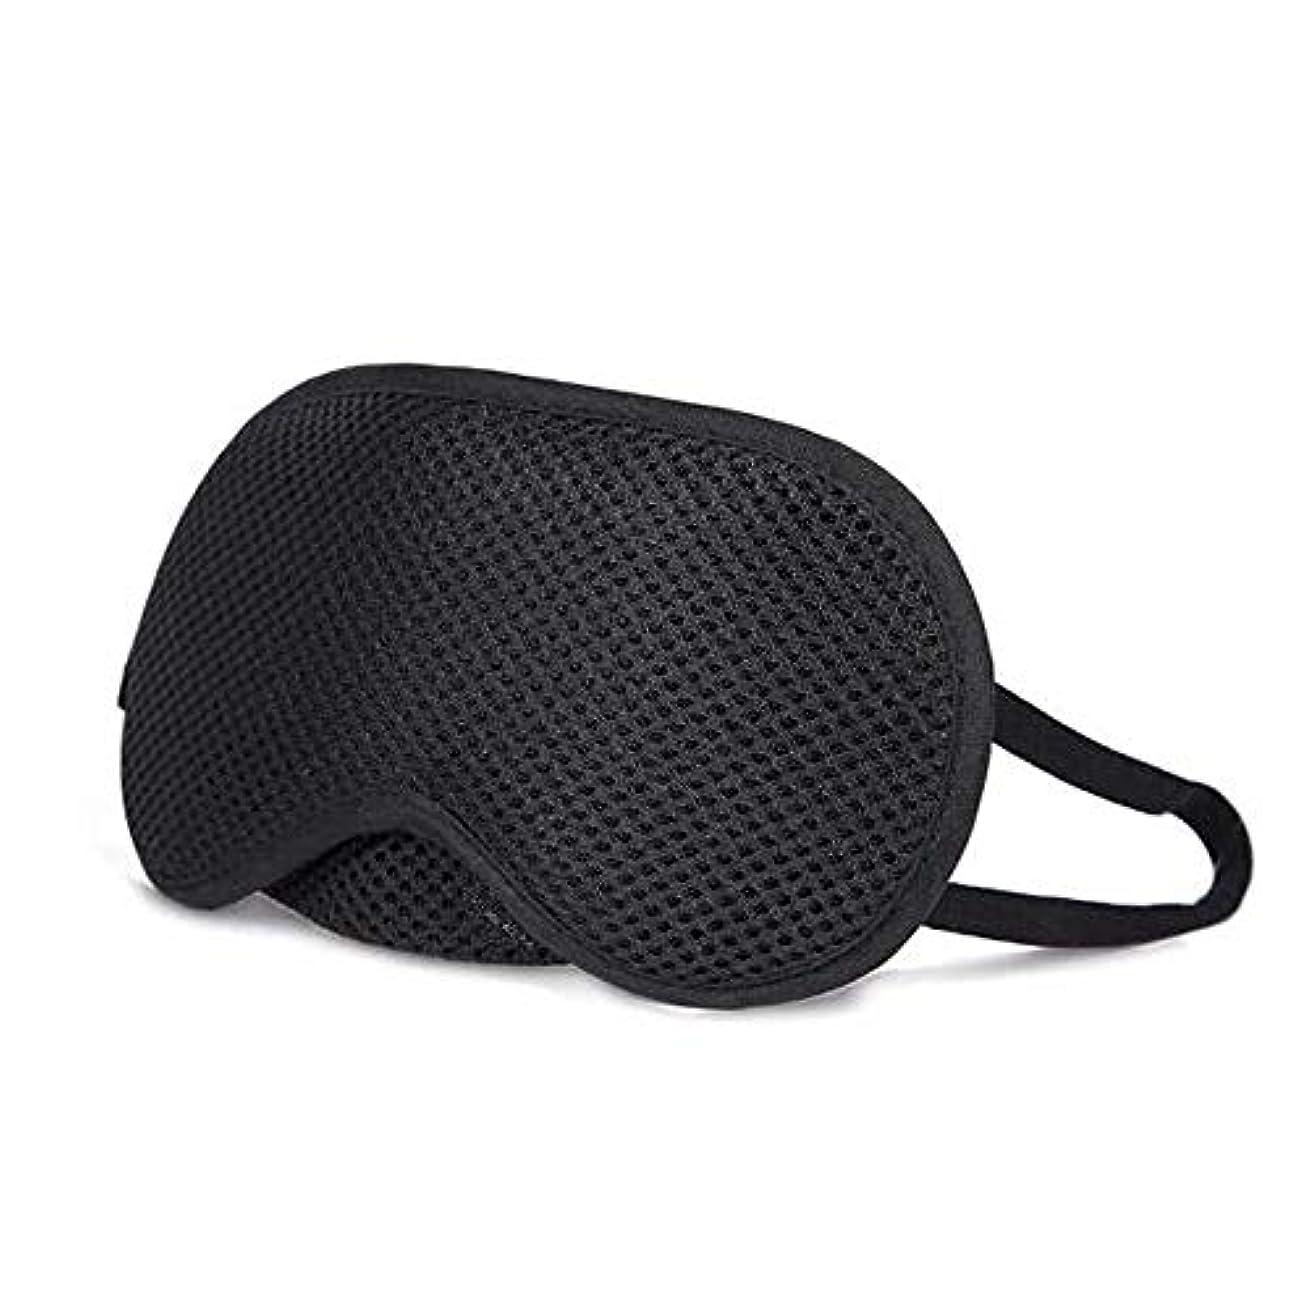 バッテリー有効化肘掛け椅子HUICHEN ゴーグルゴーグルアイシェードの睡眠ゴーグルは、通気さん男性あらゆる光ゴーグル旅行します (Color : Black)